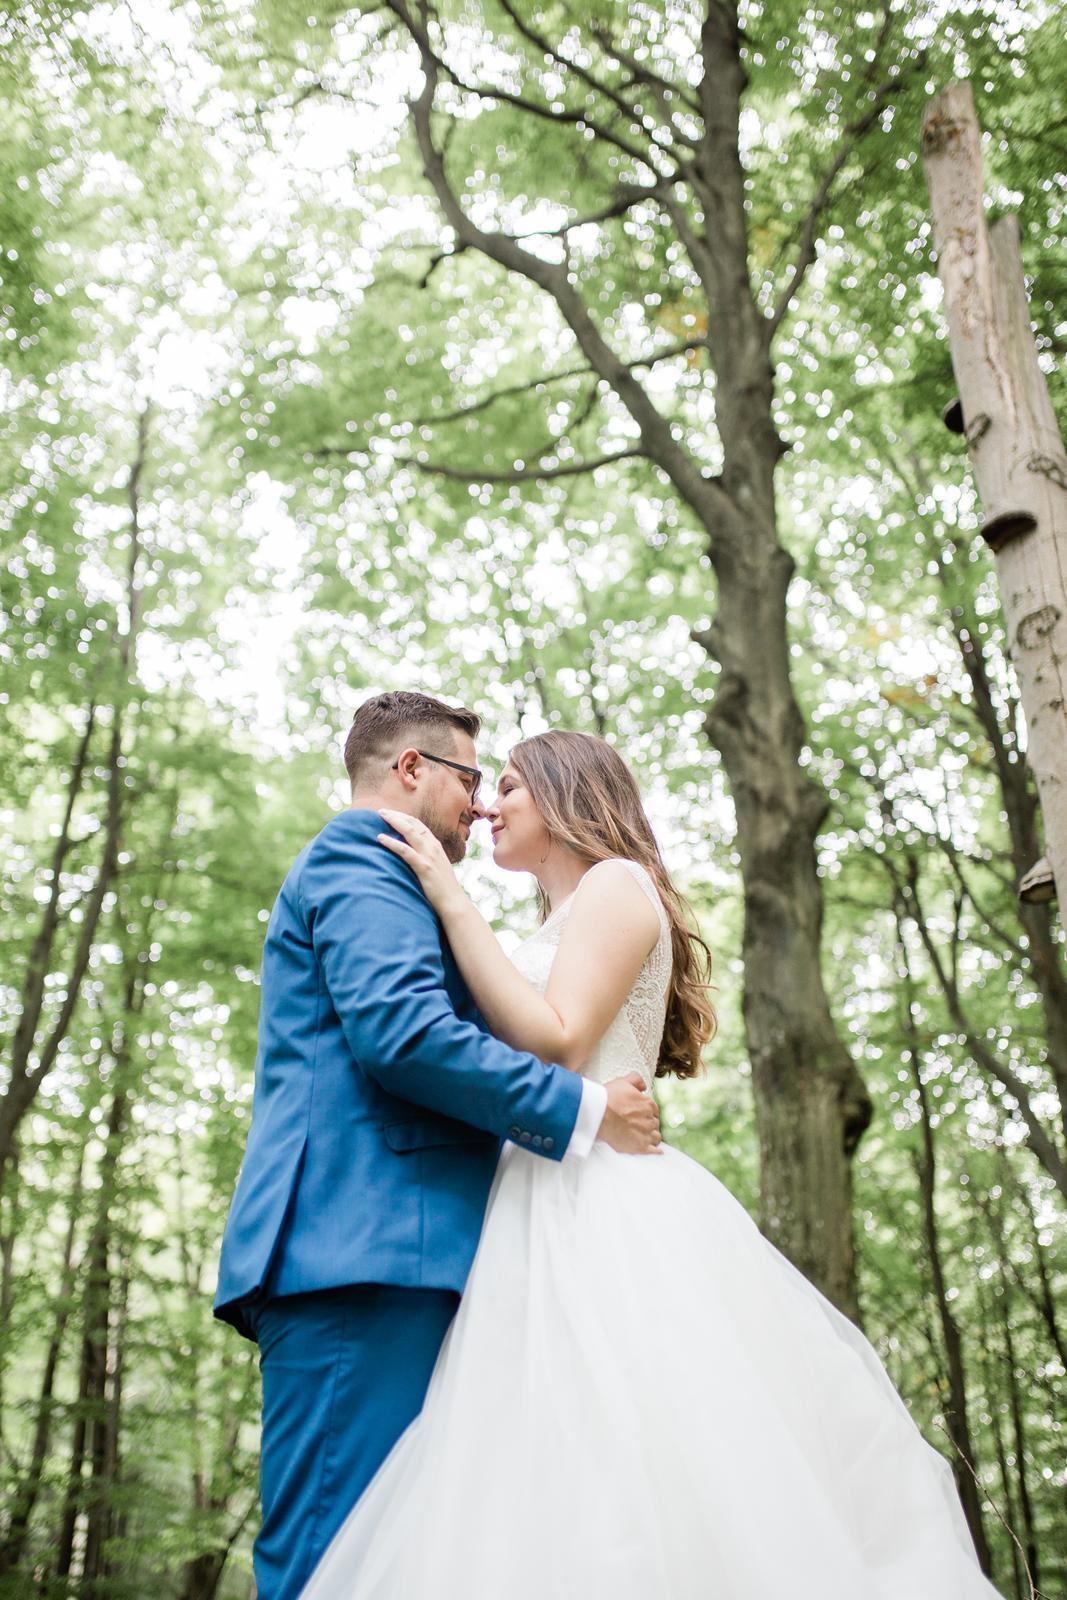 Nádherné svadobné fotenie Lenky a Stana na Morskom oku - Obrázok č. 6